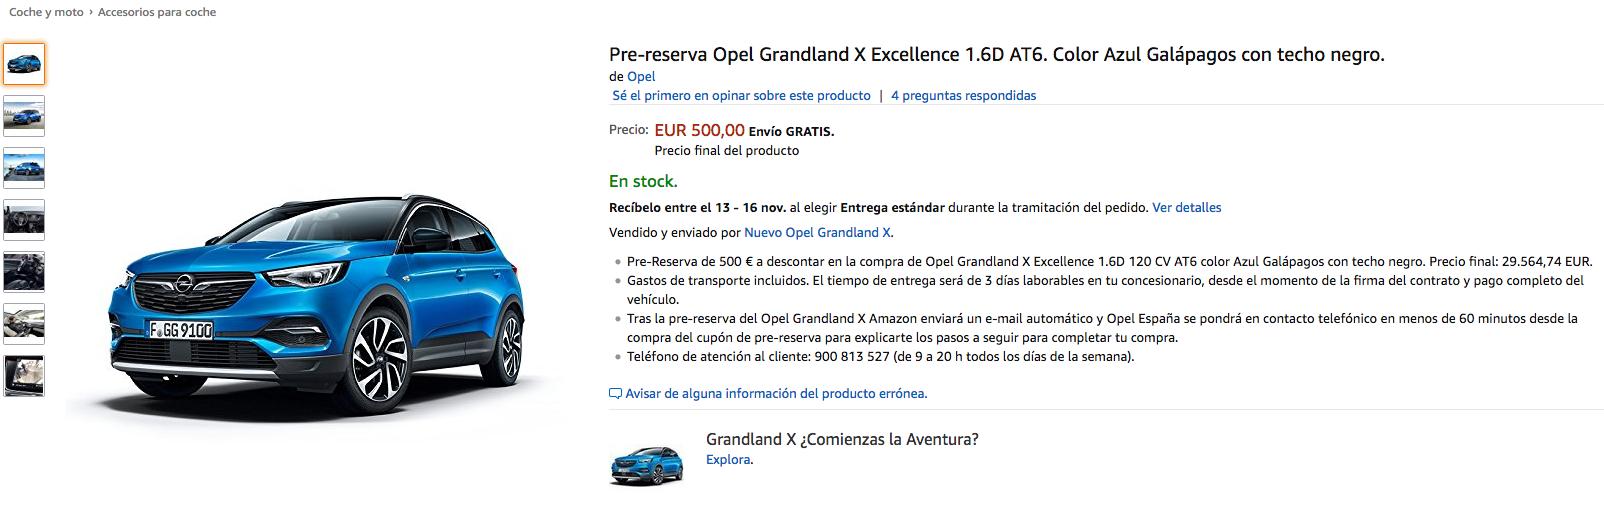 Comprar un Opel en España a través de Amazon ya es posible: Por el momento sólo una pequeña tirada de 20 unidades